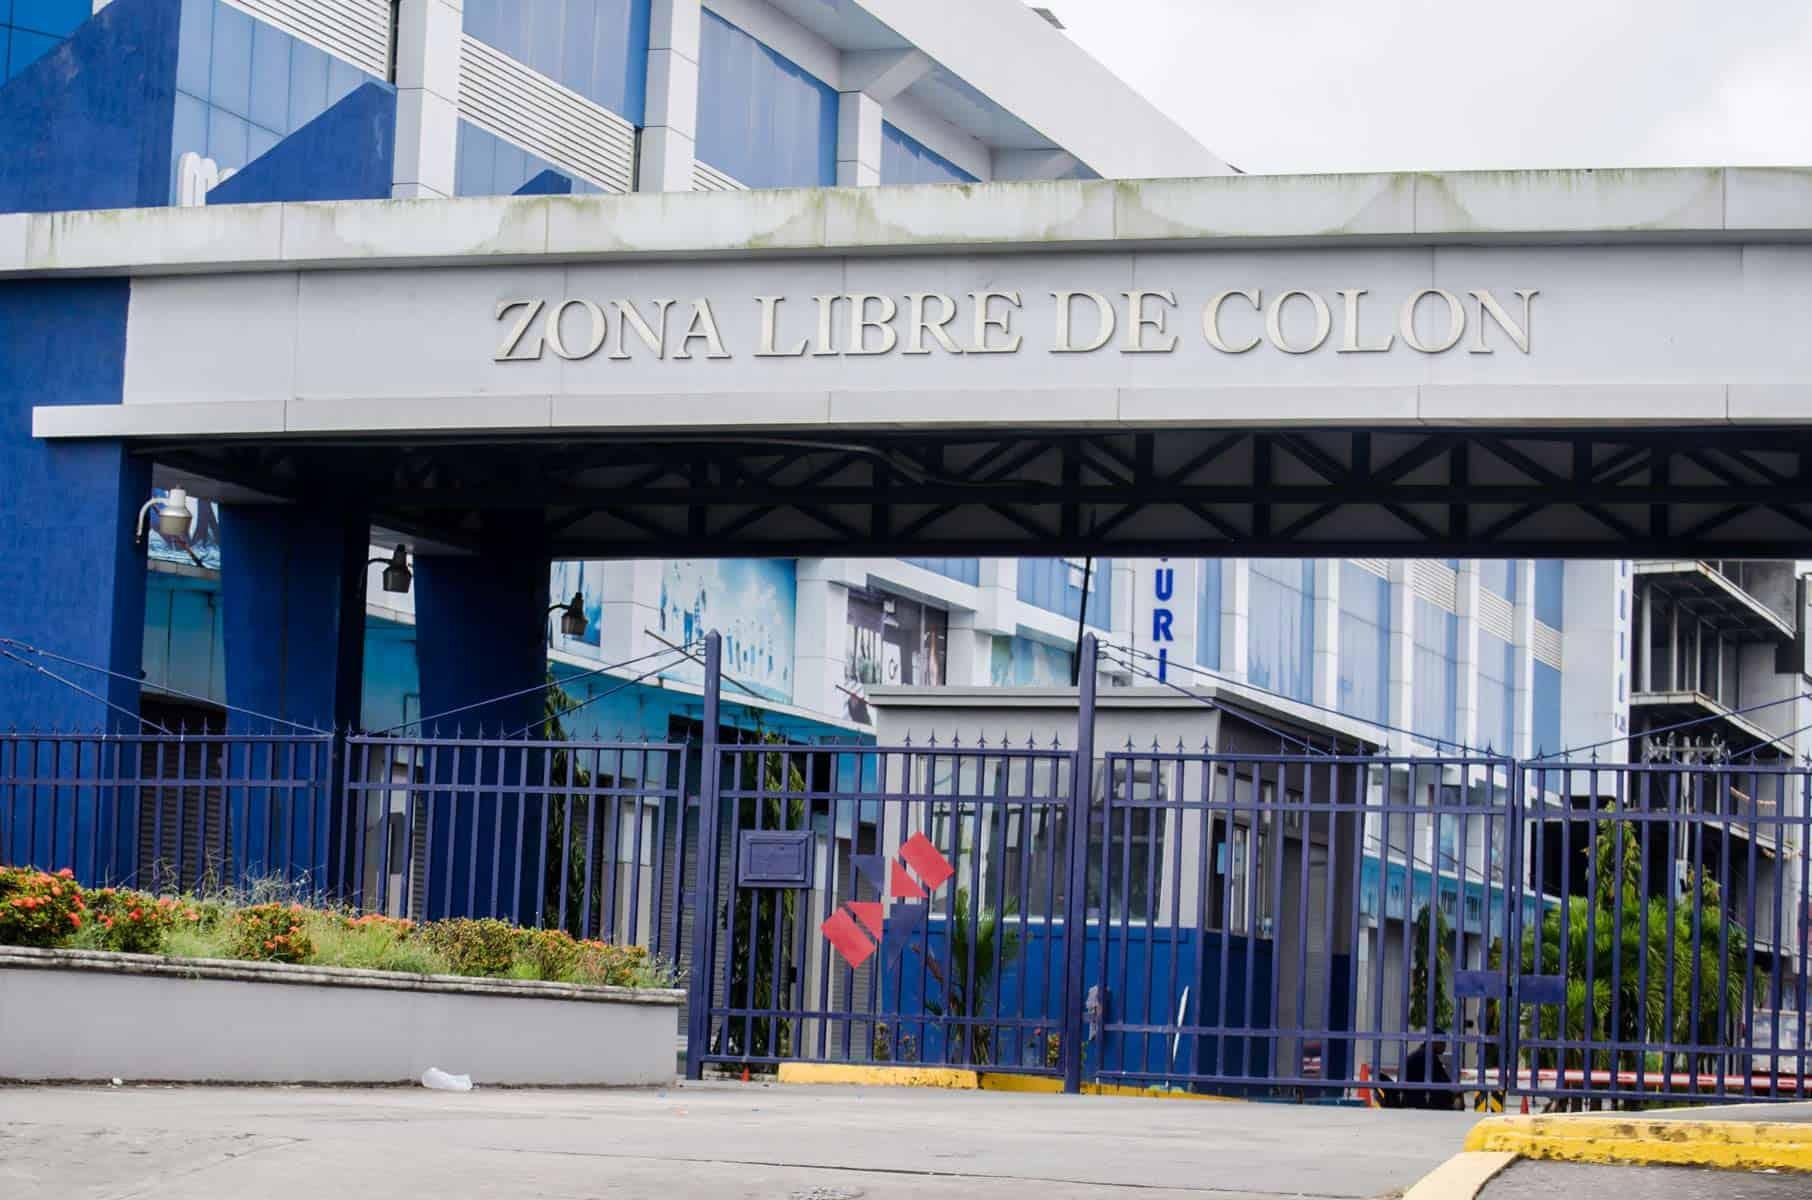 Panama Otorgara Visa de Turismo de Compras a los Cubanos